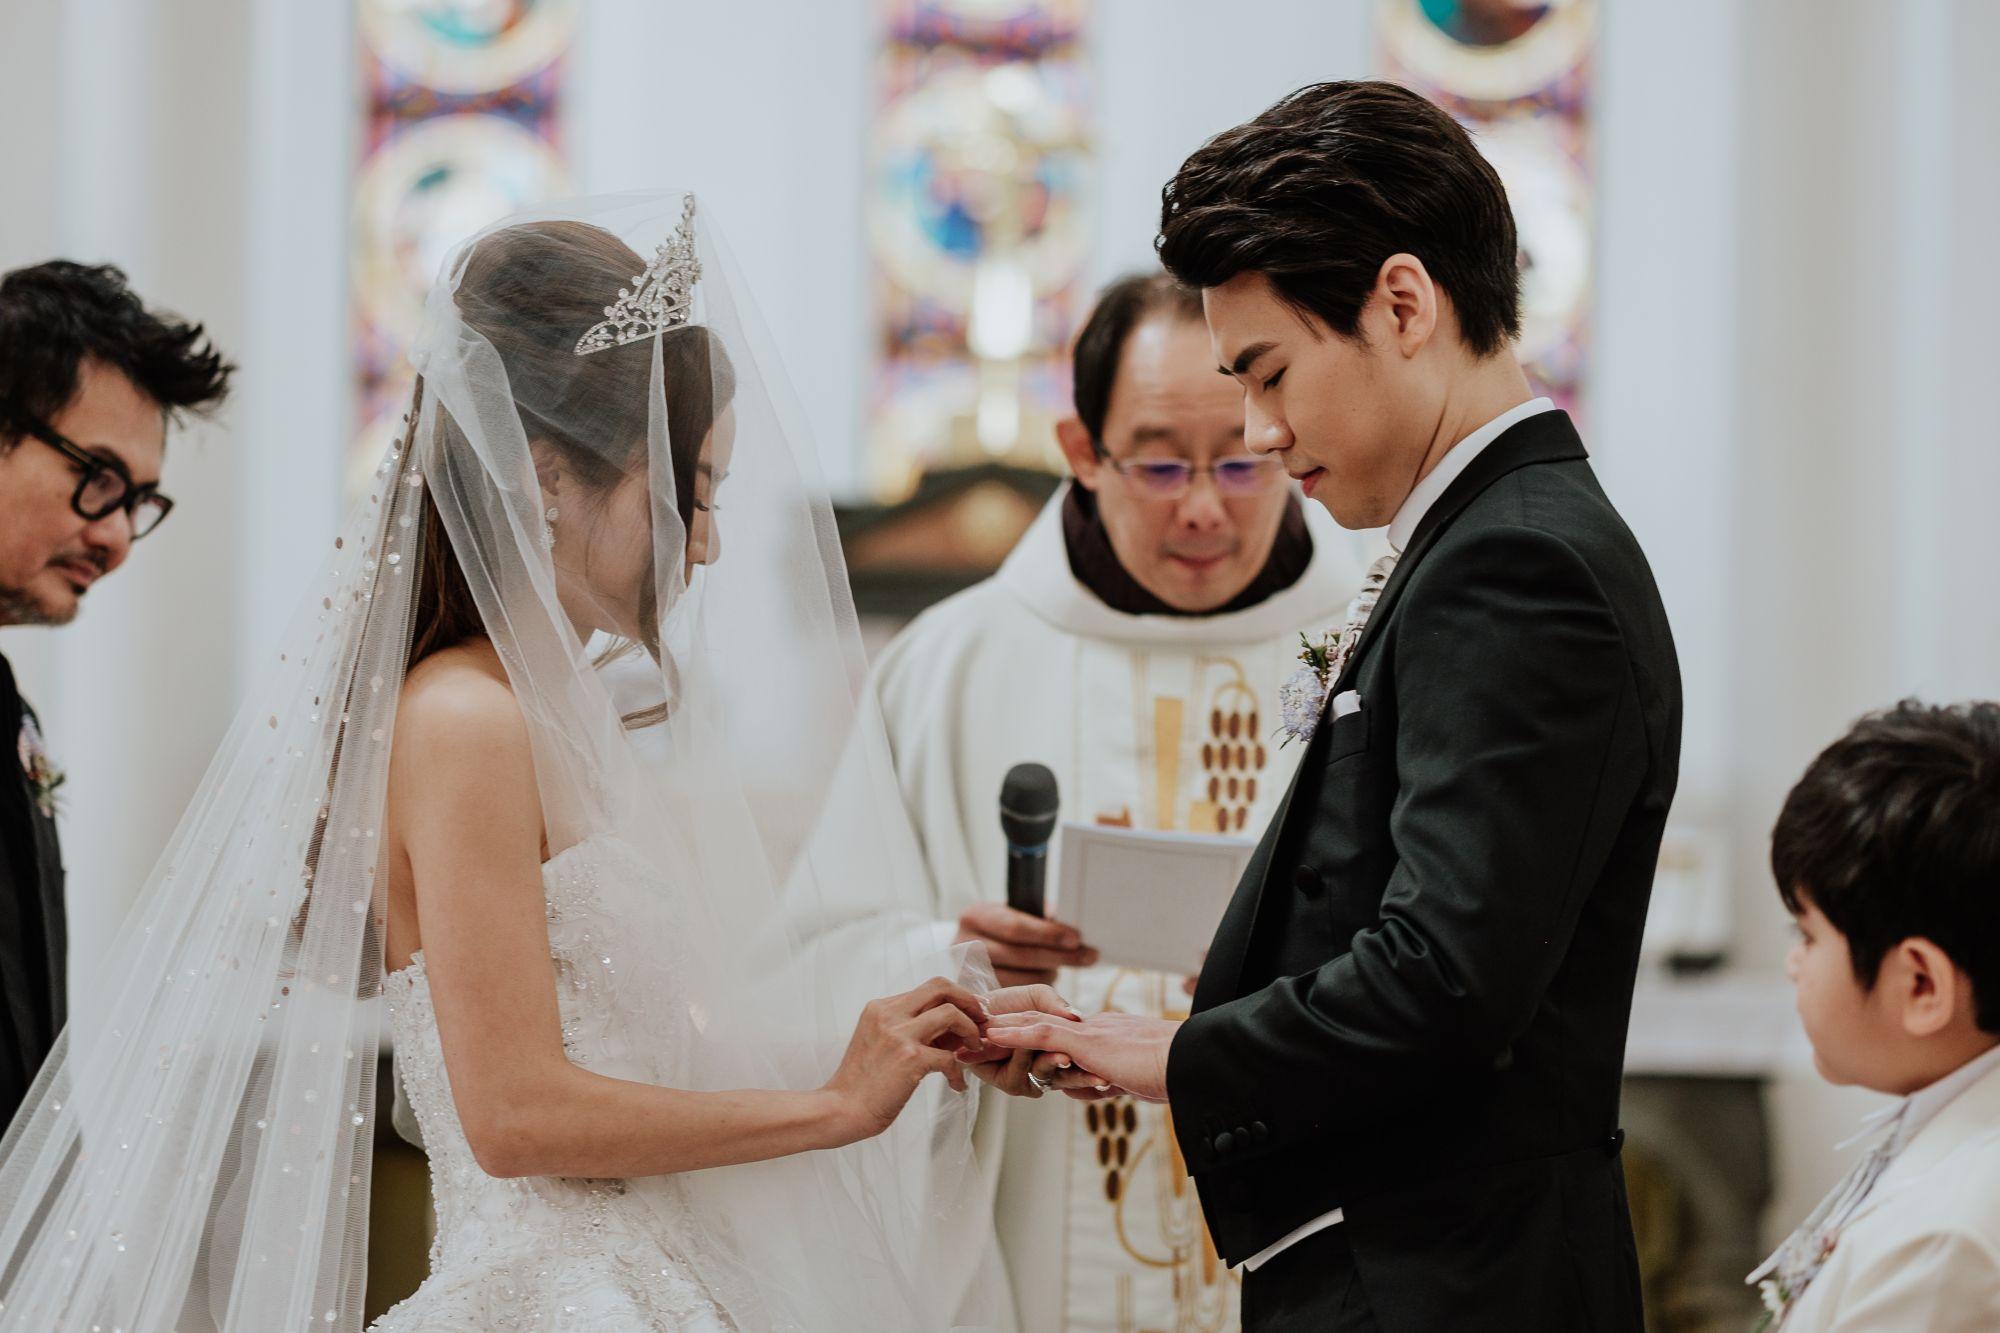 Rachel Wee, Ken Chen